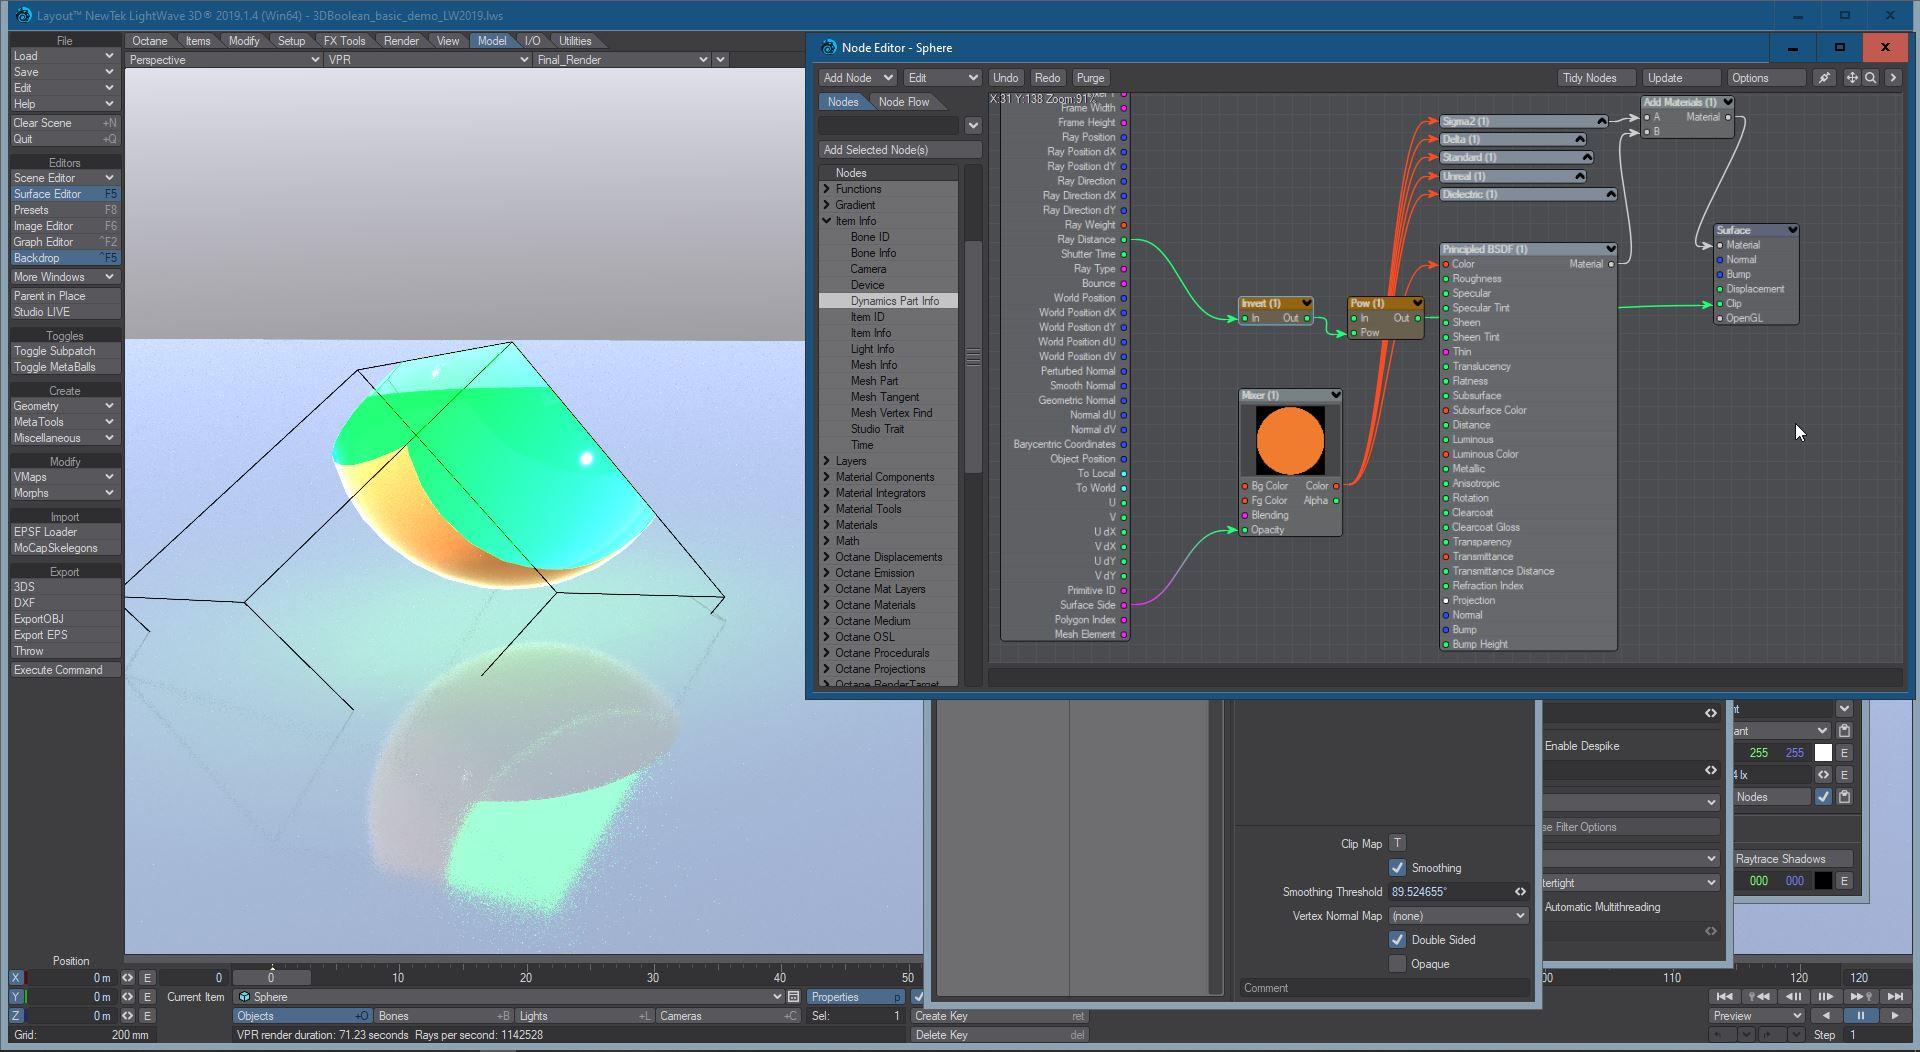 Nome: 2020-02-14 14_24_00-Layout™ NewTek LightWave 3D® 2019.1.4 (Win64) - 3DBoolean_basic_demo_LW2019..jpg Visite: 153 Dimensione: 240.9 KB